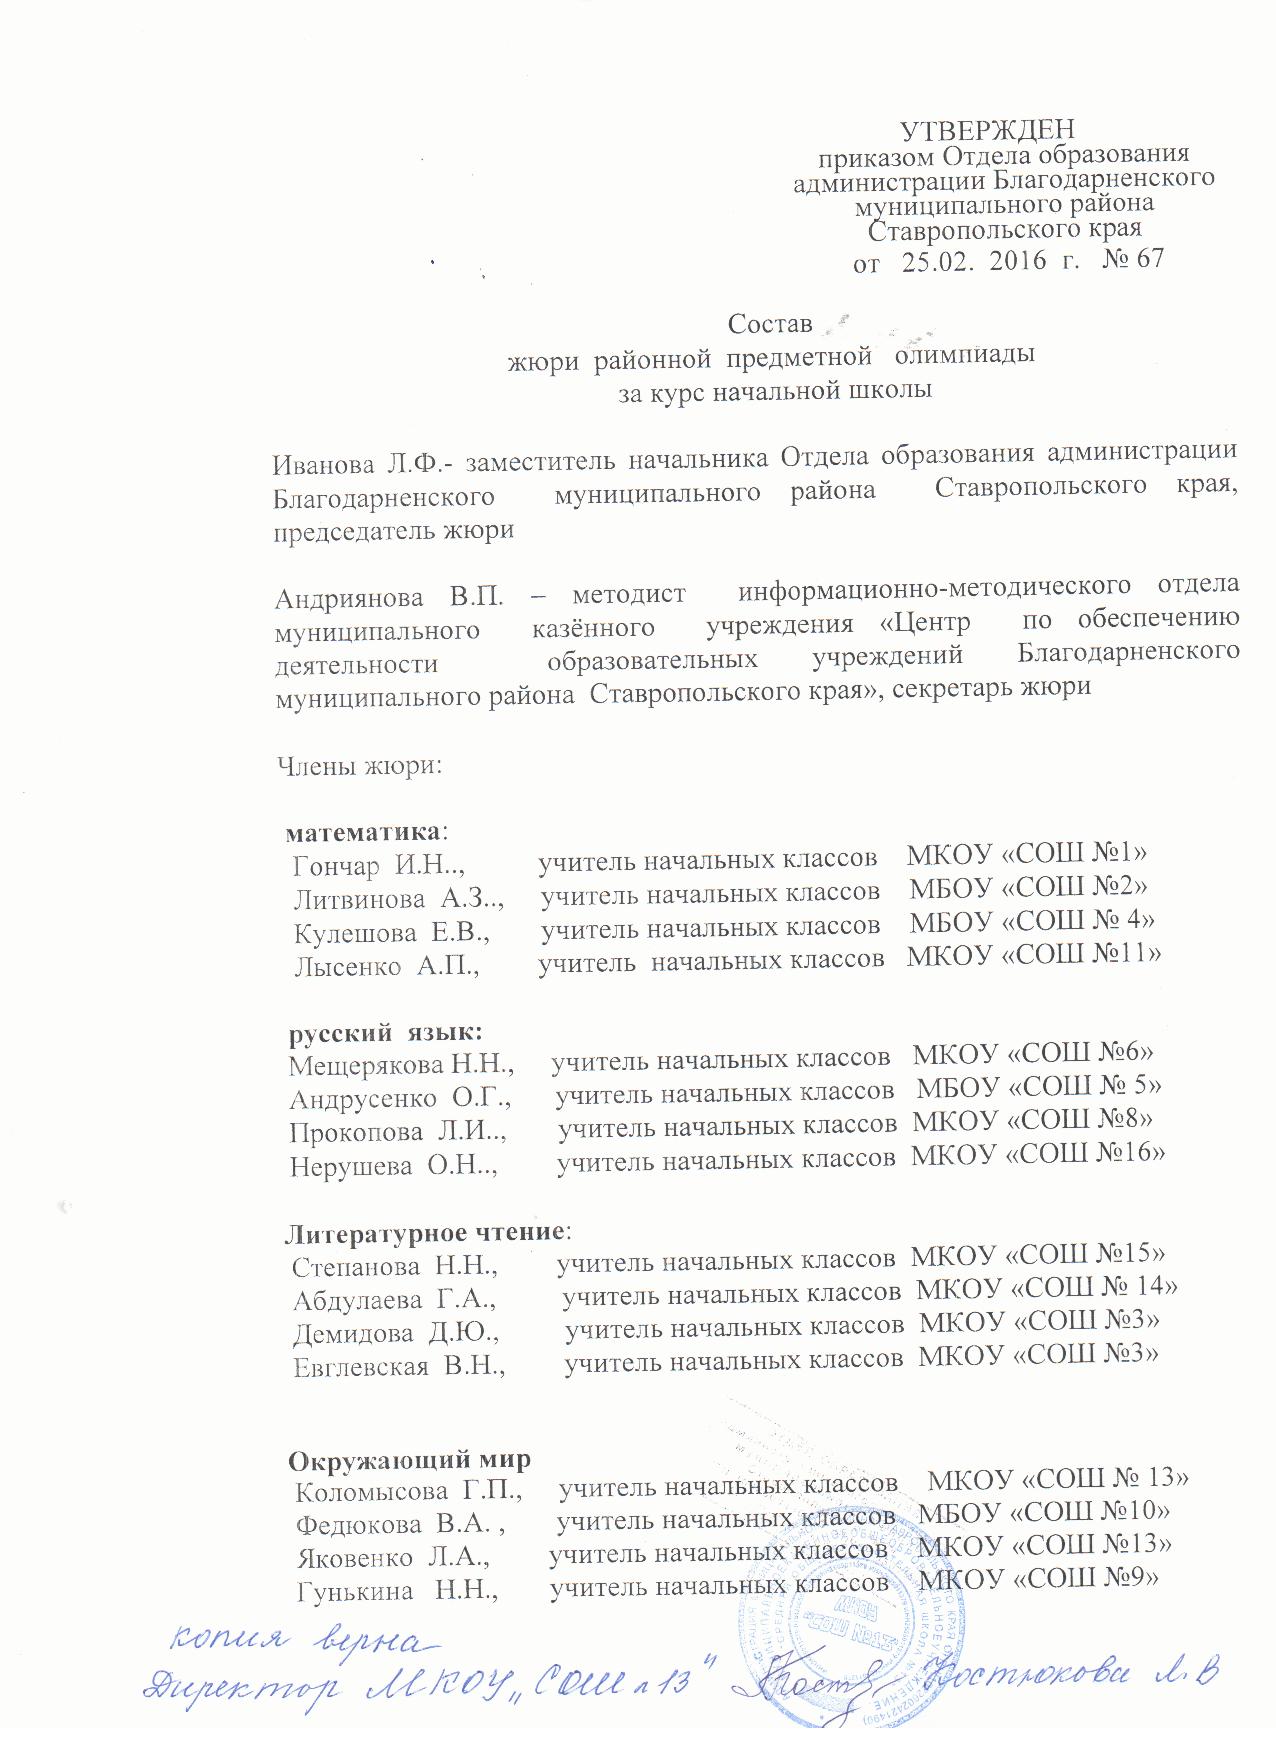 Что такое орфограмма в правилах русского языка